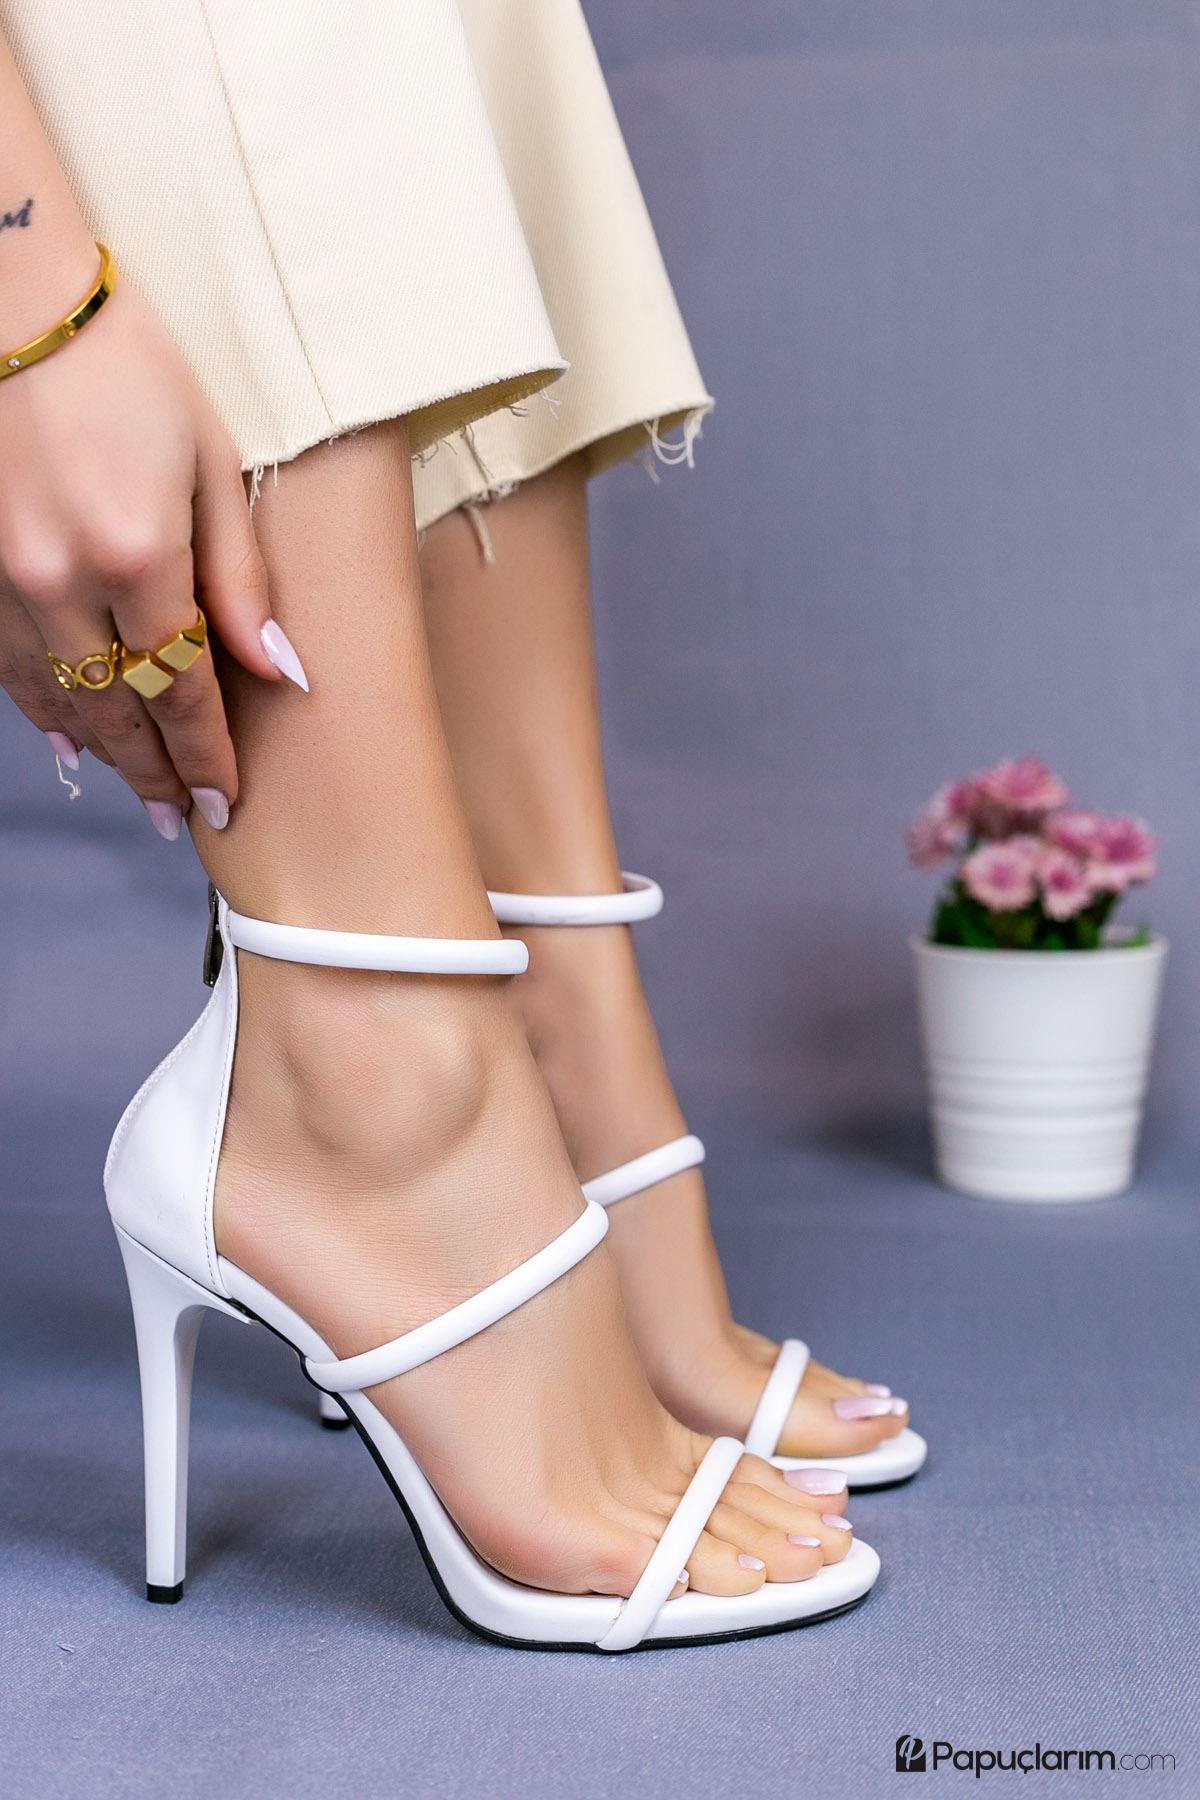 Liona Beyaz Mat Deri Yüksek Topuklu Kadın Ayakkabı